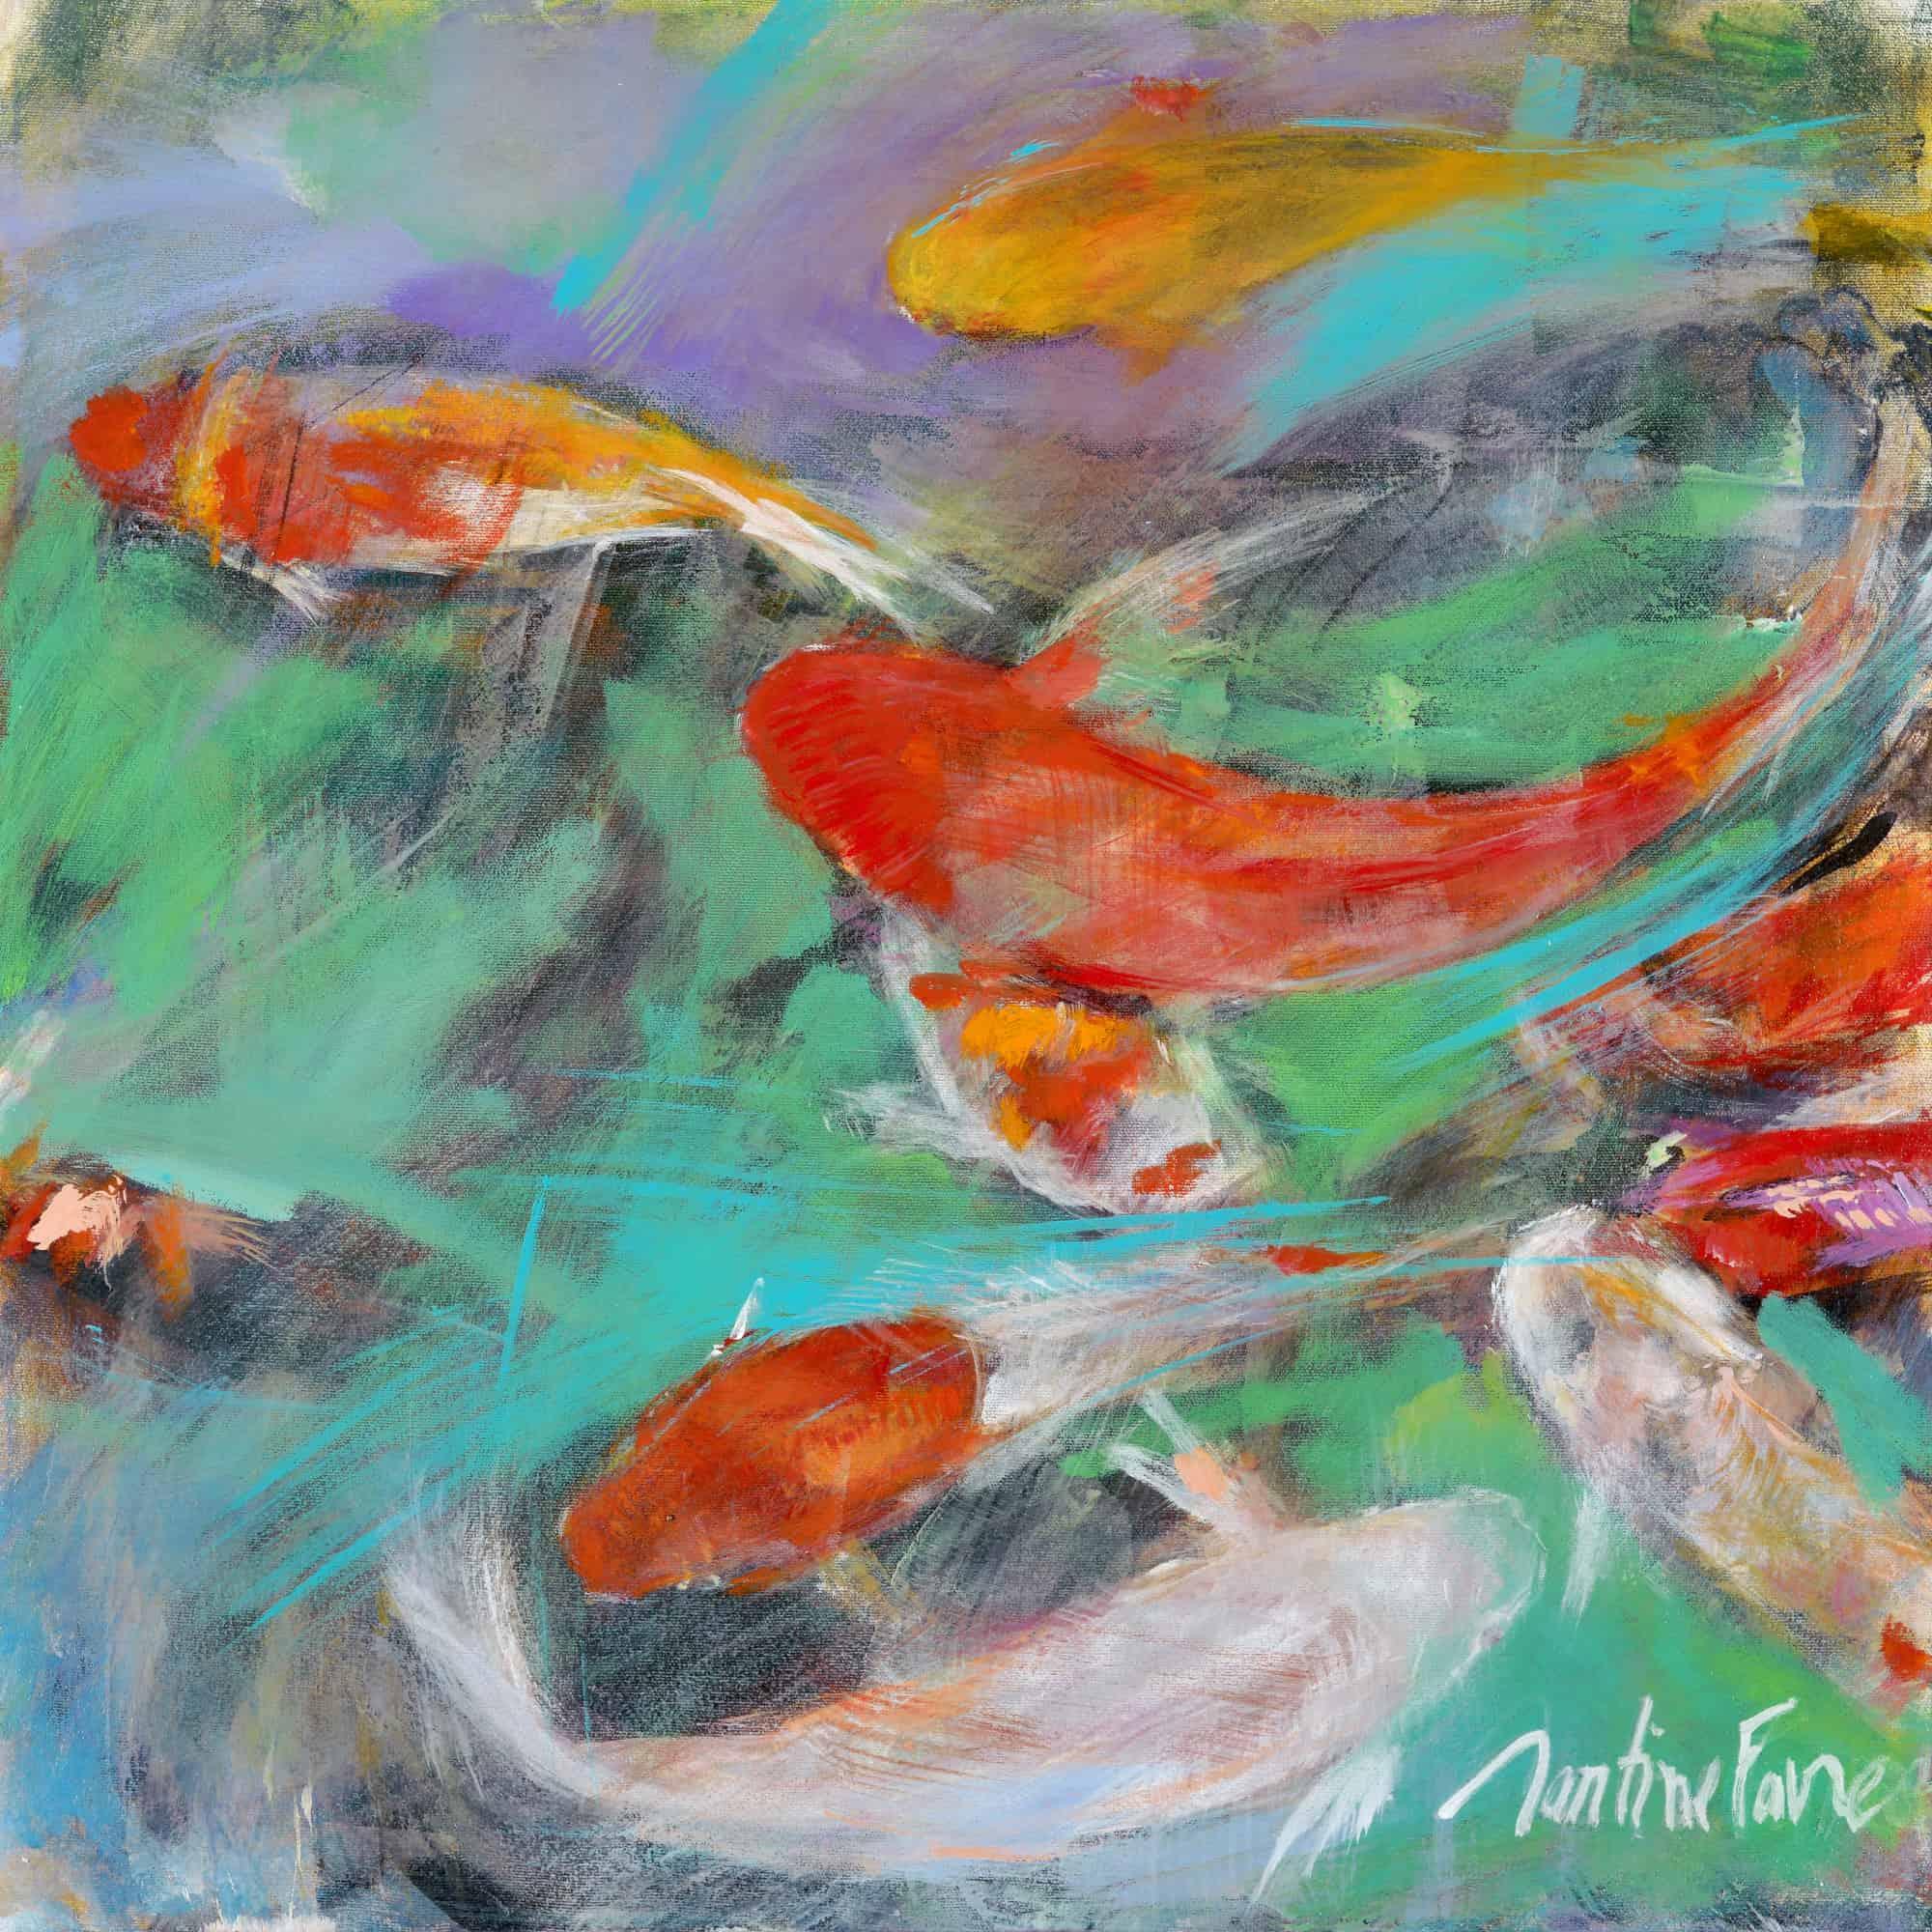 martine-favre-artiste-peinture-murale-originale-poisson-carpes-japonais-coeur-vie